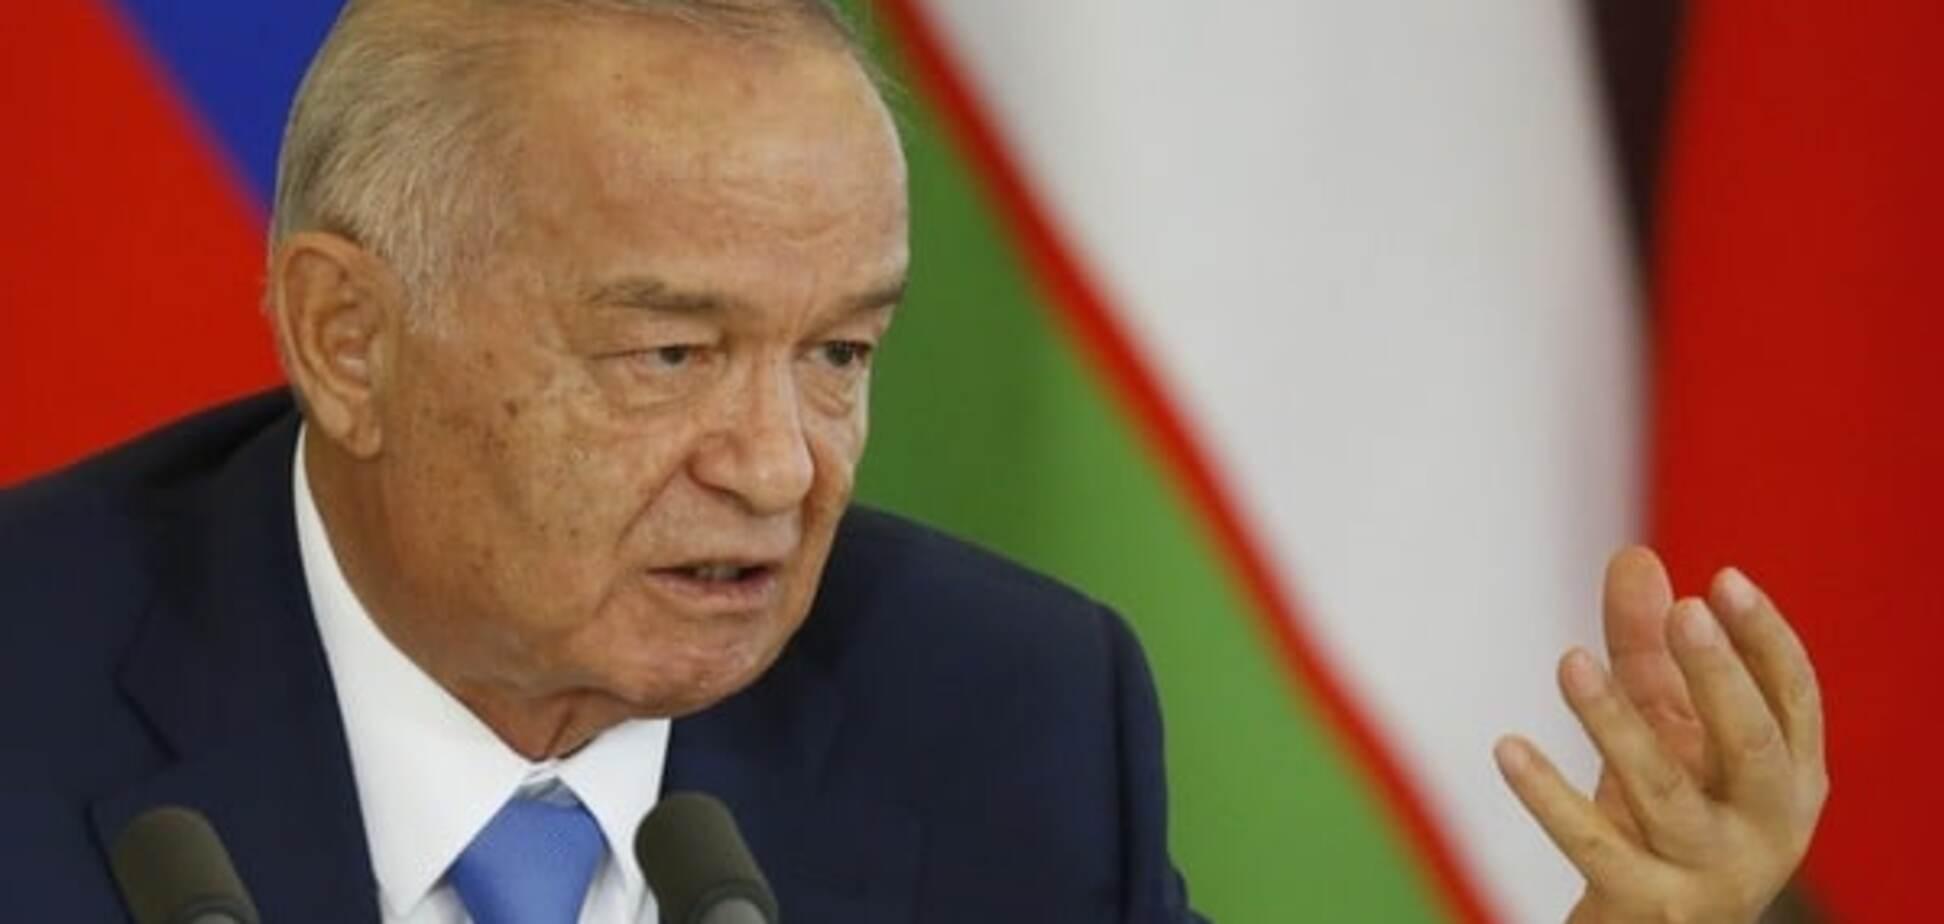 В Узбекистане задержали распространителей 'провокационных' сообщений о смерти Каримова — СМИ